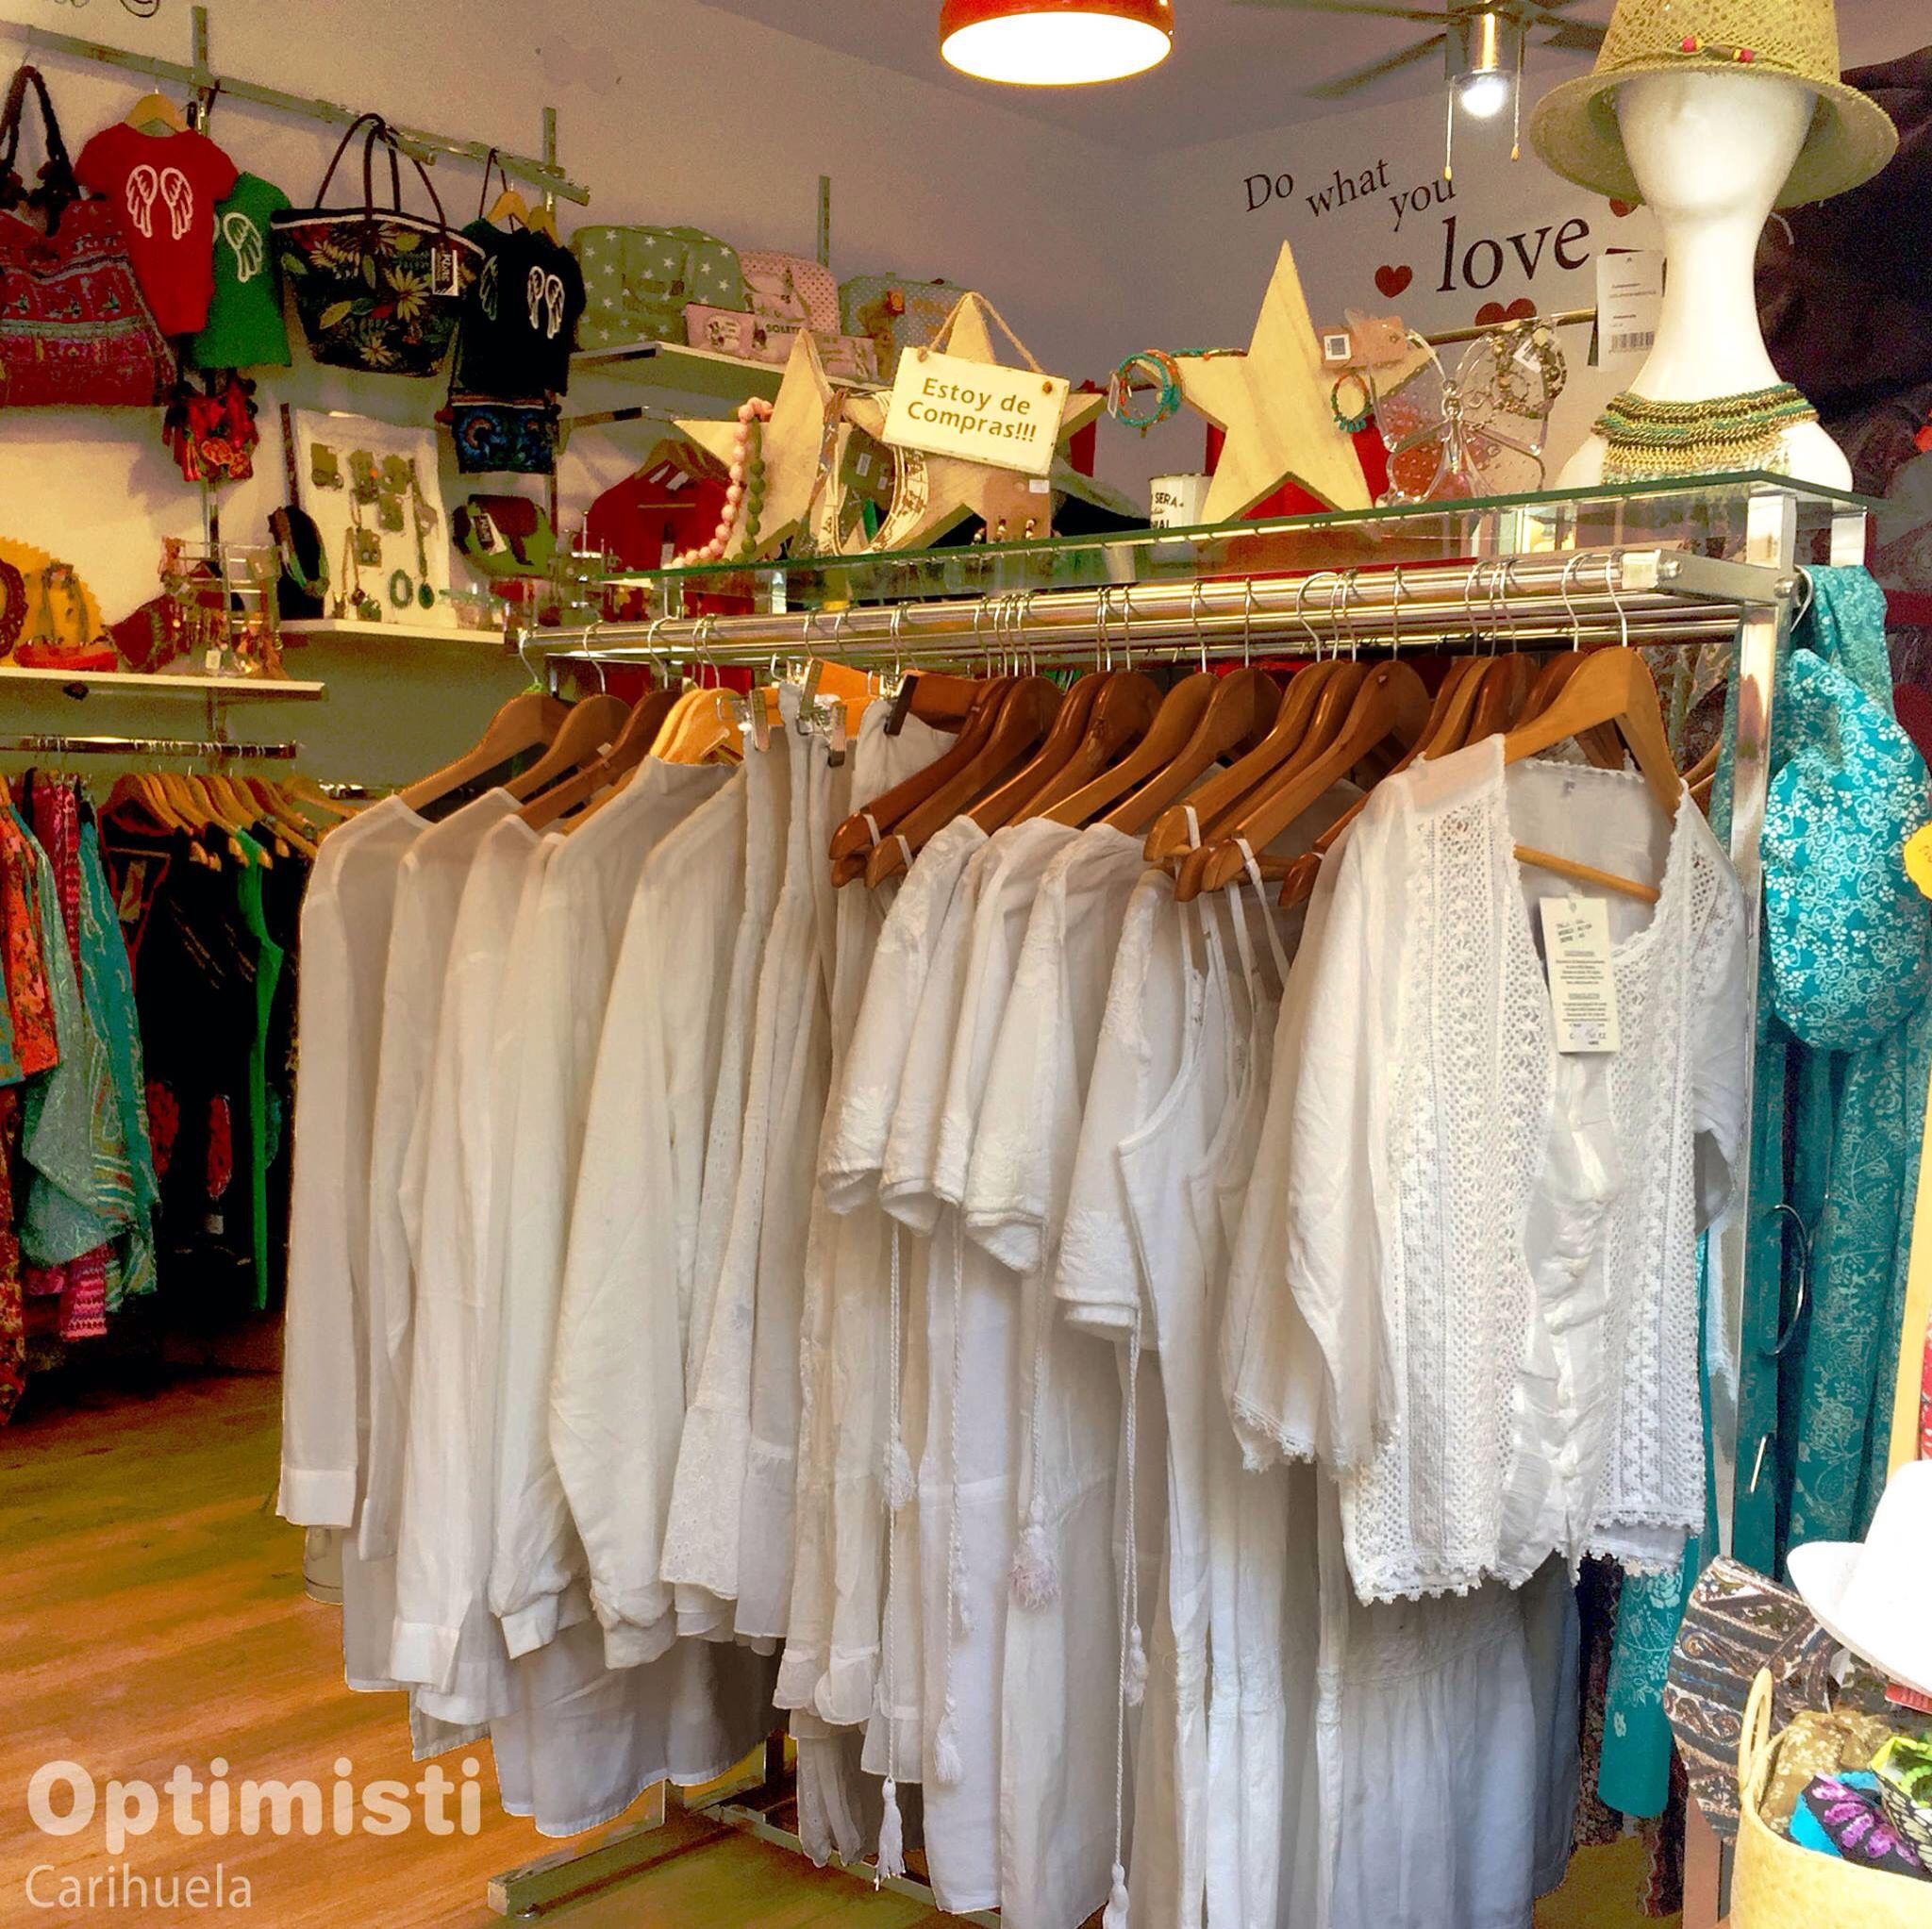 Málaga torremolinos Carihuela Tienda Moda Shop En Optimisti La De Ibicenca xOnCq0wAPT